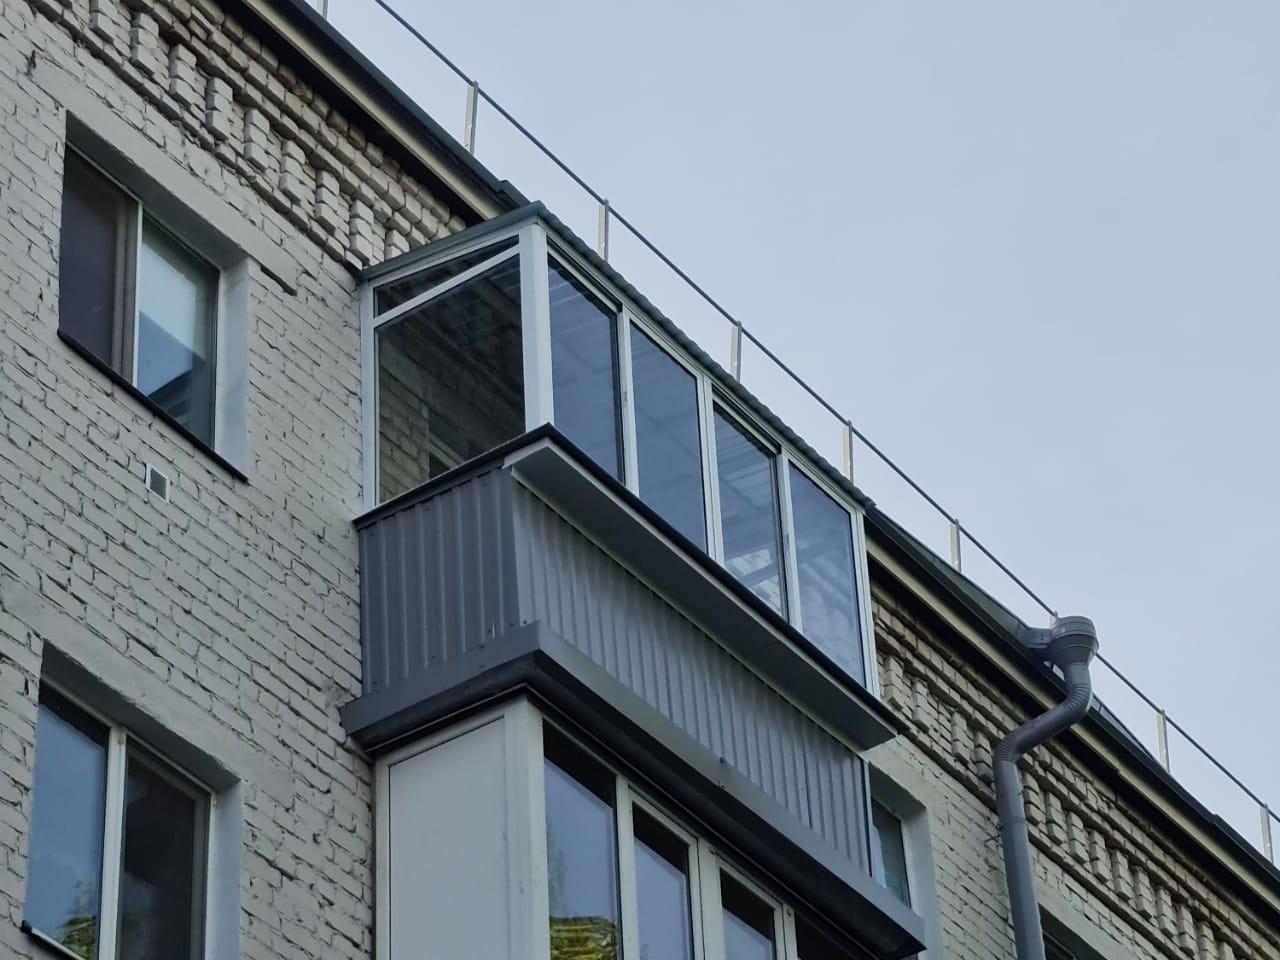 Остекление и внешняя обшивка балкона ул. Декабристов 125 - фото